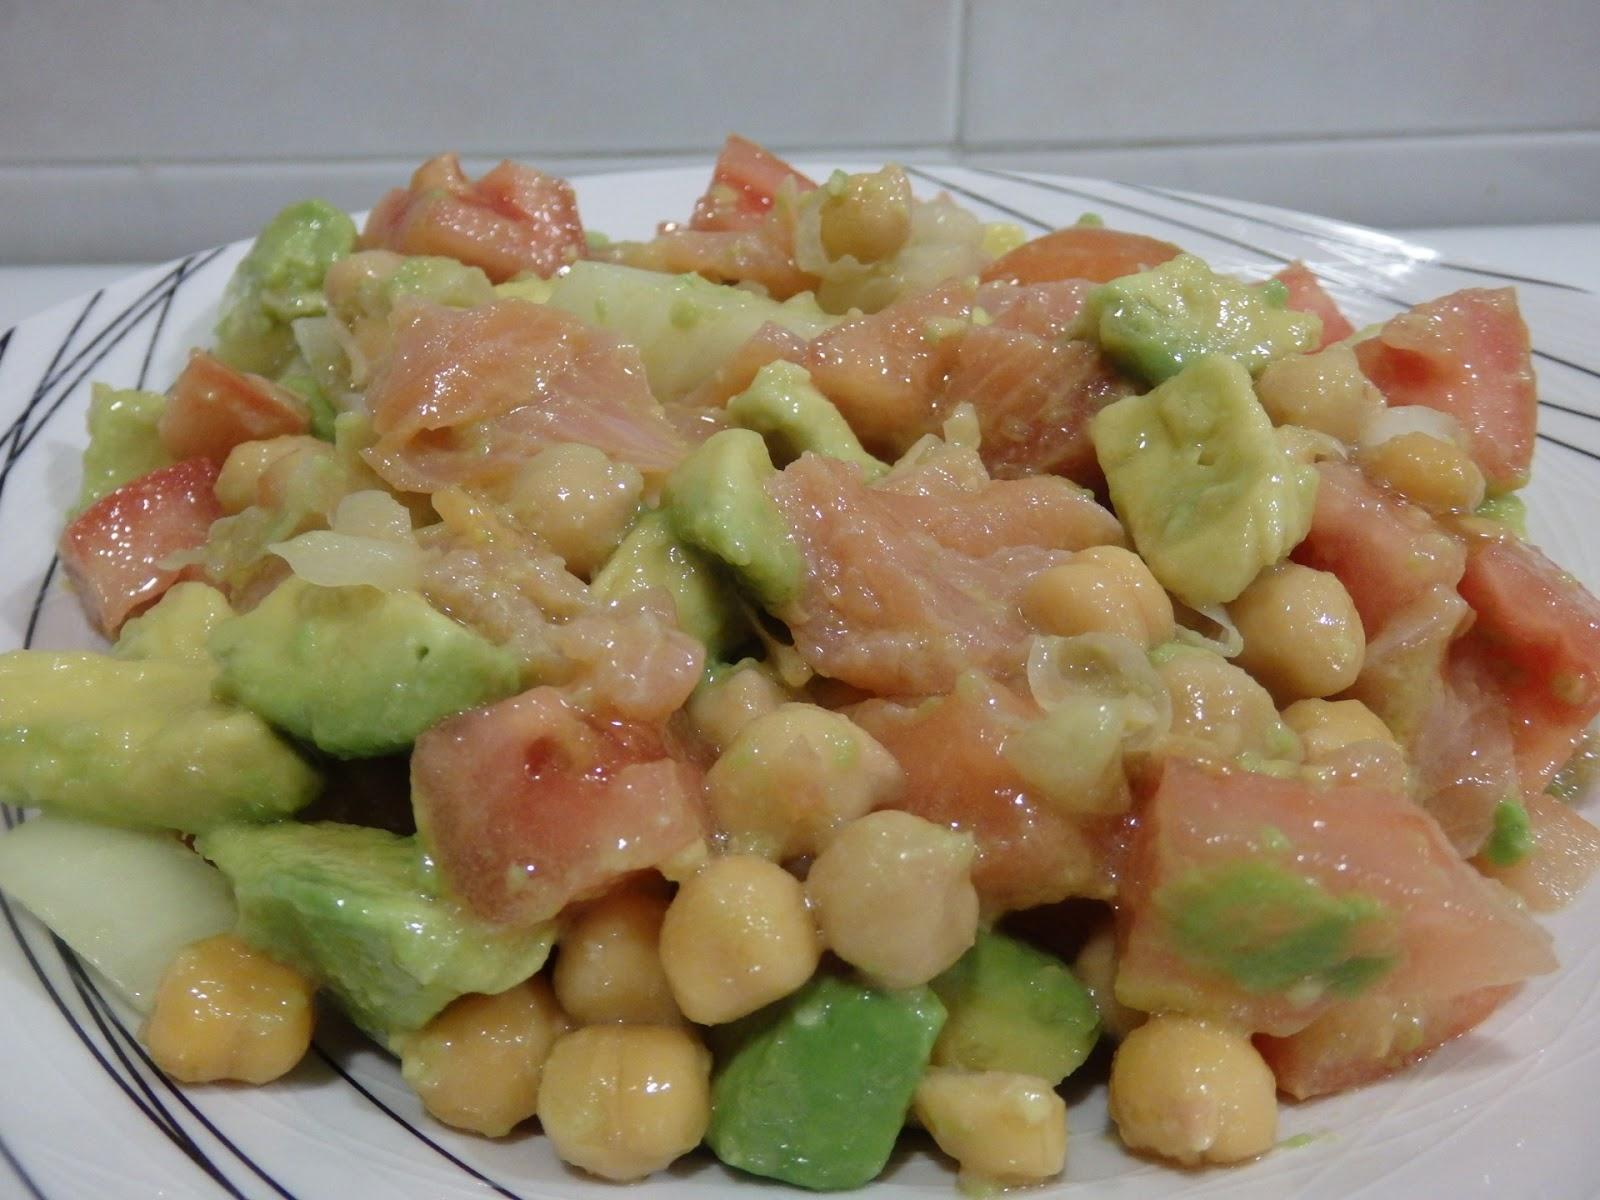 Osukaa is cooking ensalada de garbanzos aguacate y - Ensalada de aguacate y salmon ahumado ...